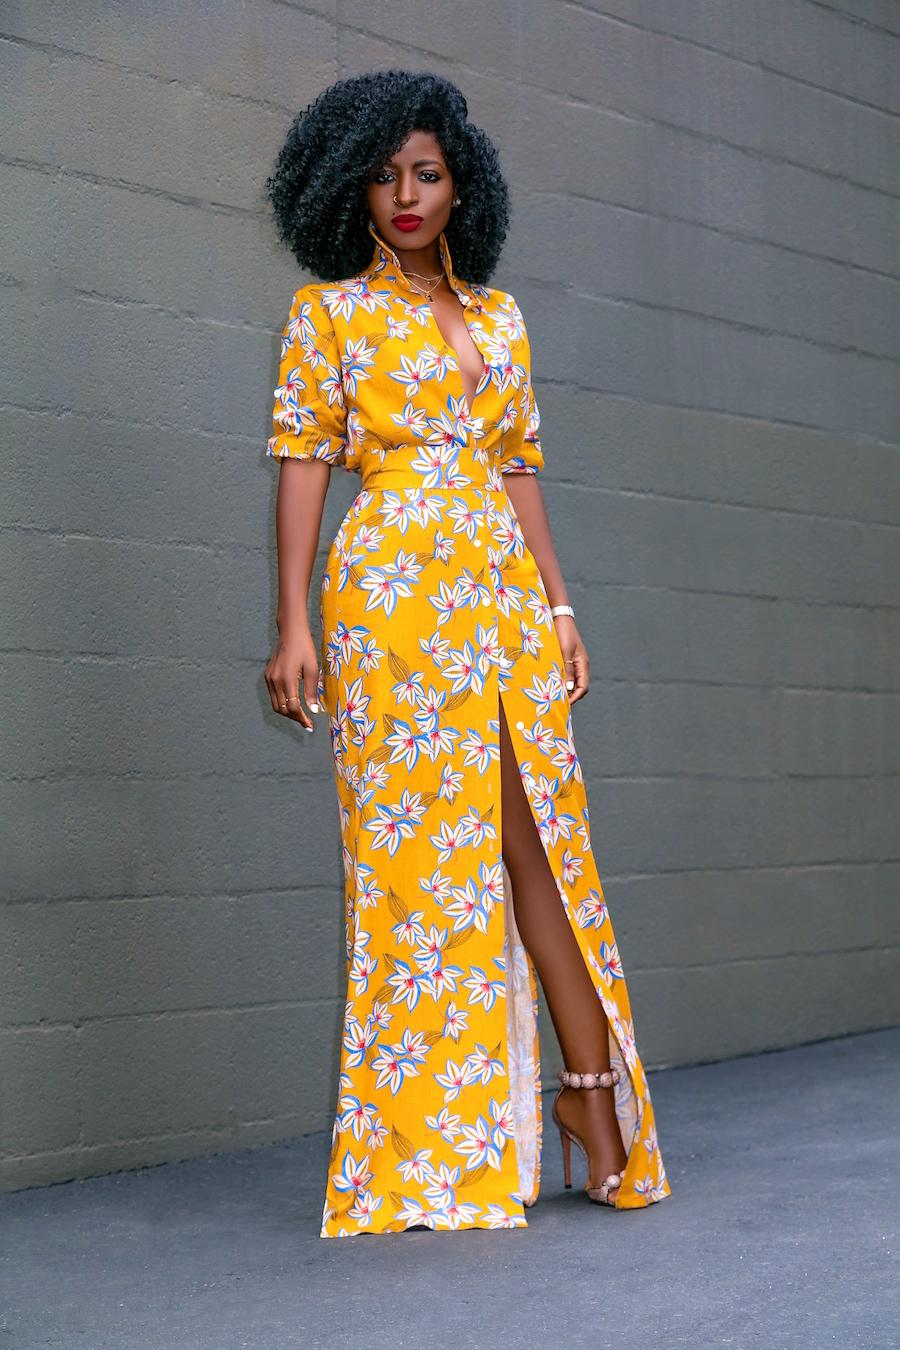 71149861f9 Vestidos Longos Estampados 25 Modelos Lindos Vestido - OneLetter.CO